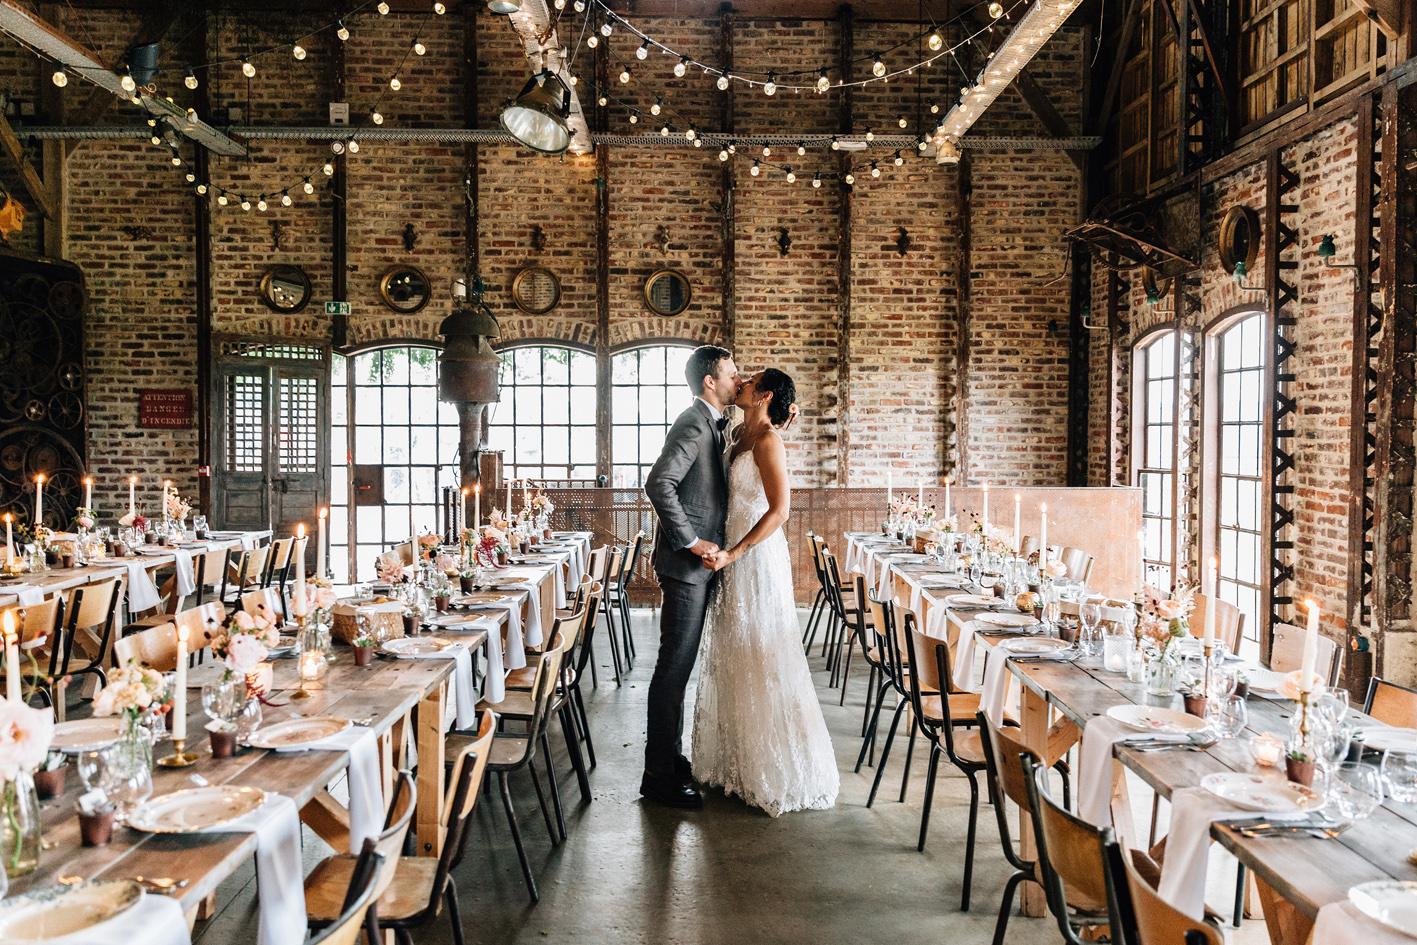 les bonnes joies, photographe mariage